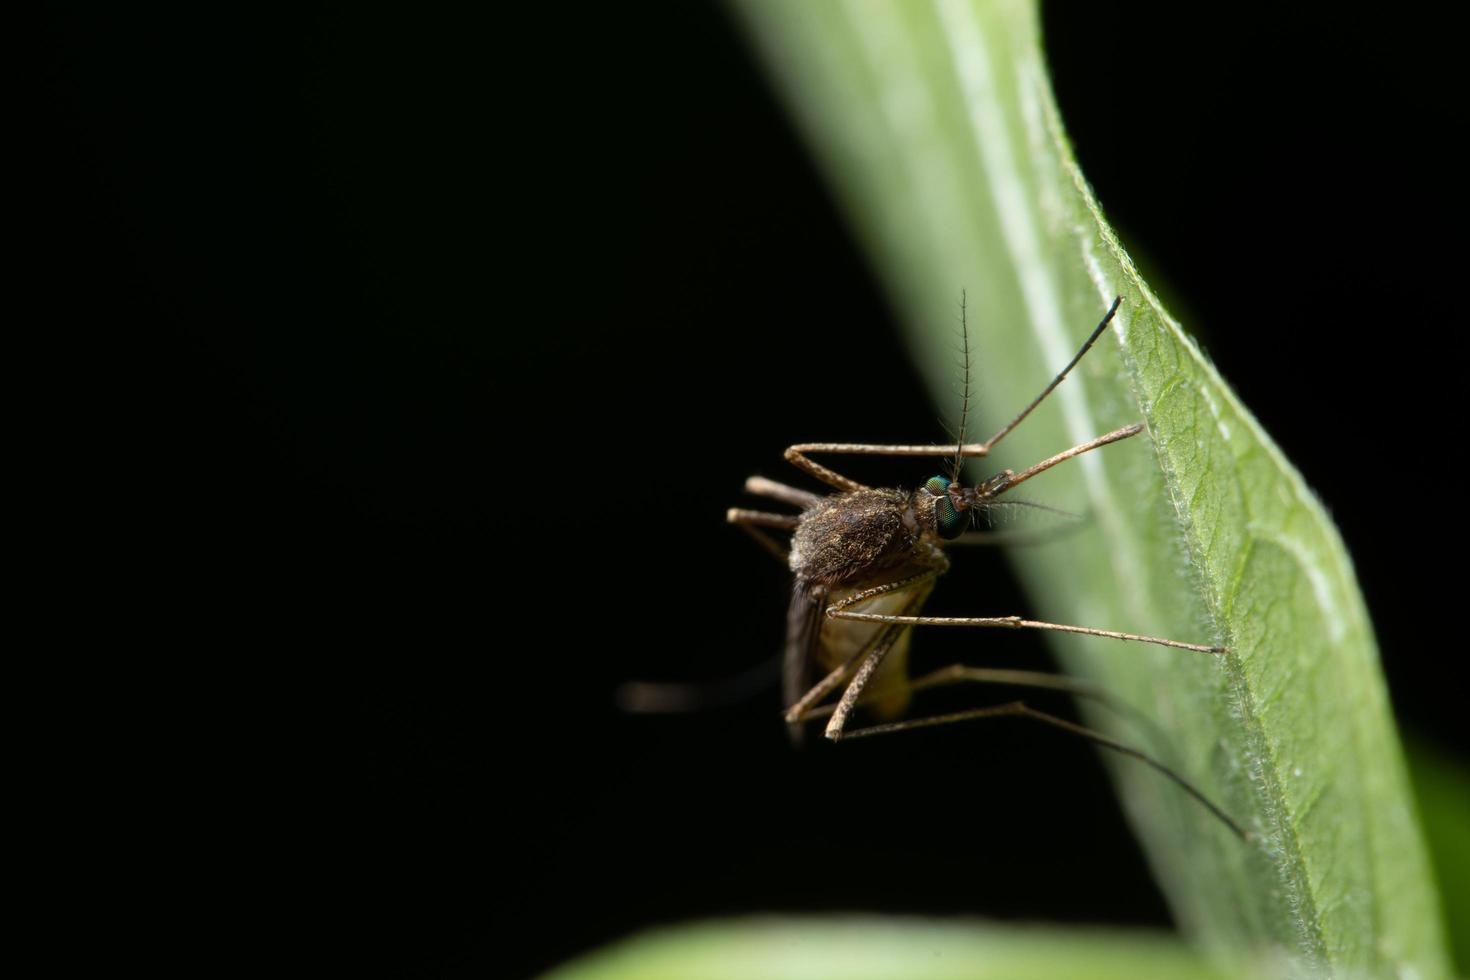 Mücke auf einem Blatt foto